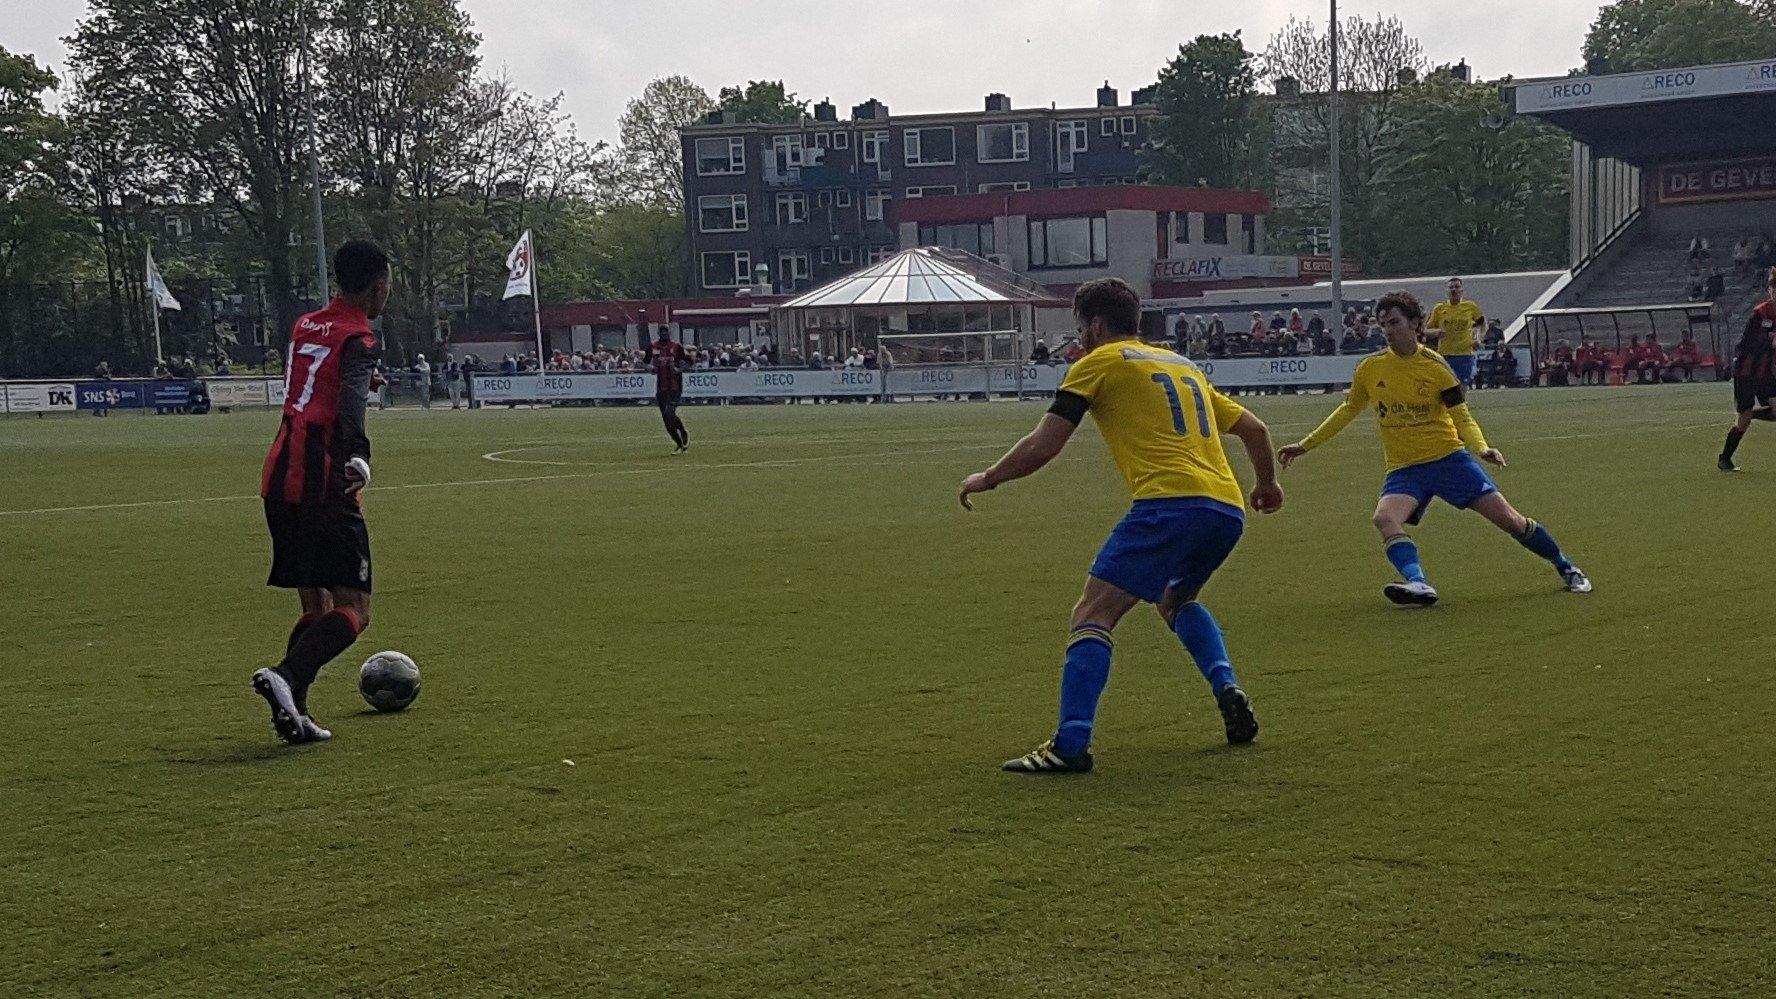 EDO - Velsen - Voetbal in Haarlem